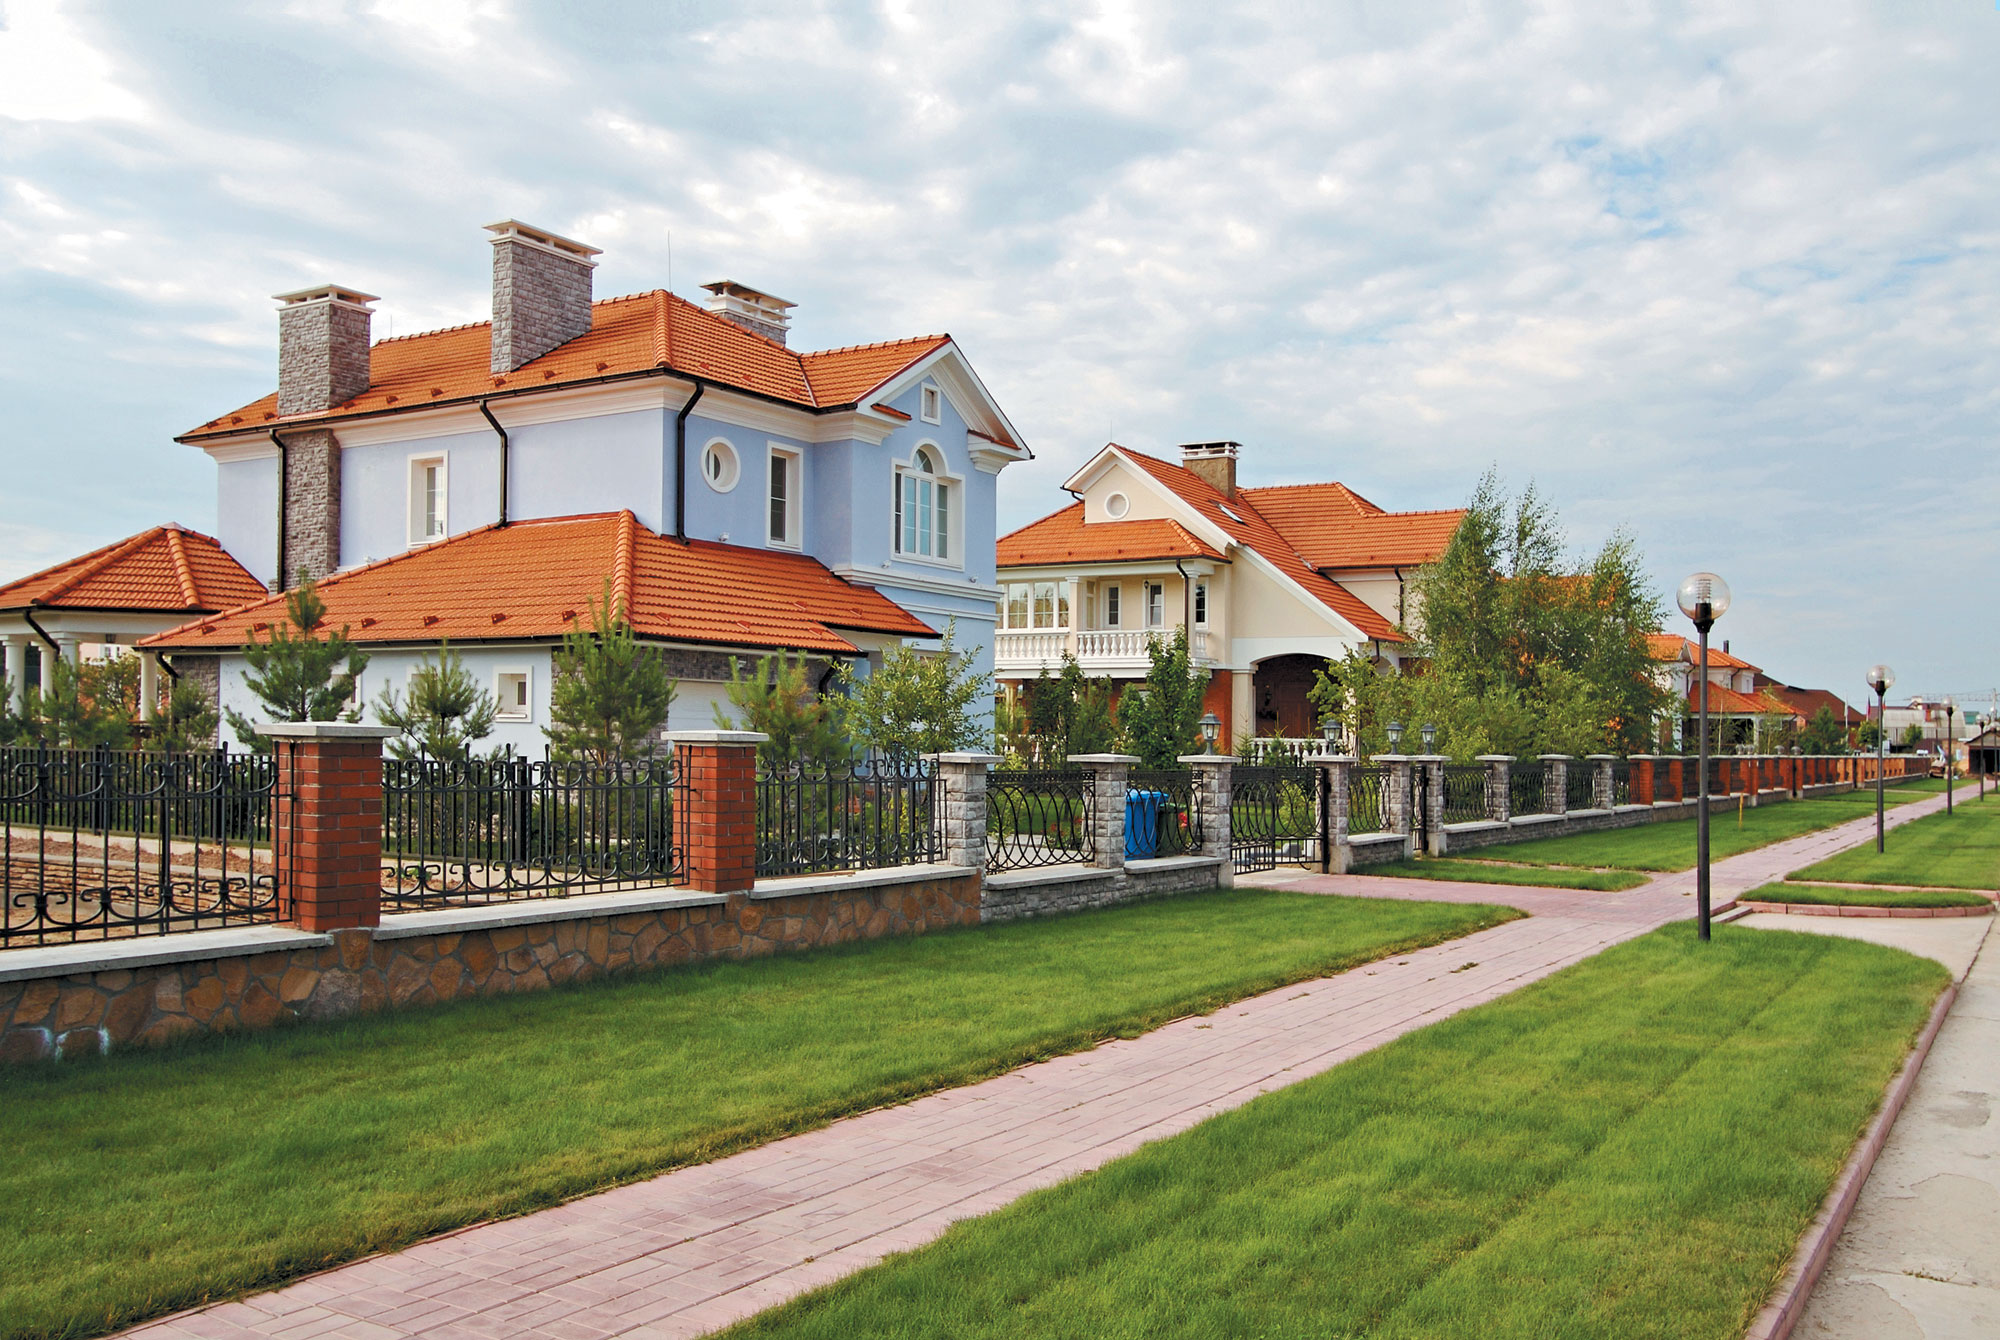 Выбрать недвижимость в коттеджном поселке просто